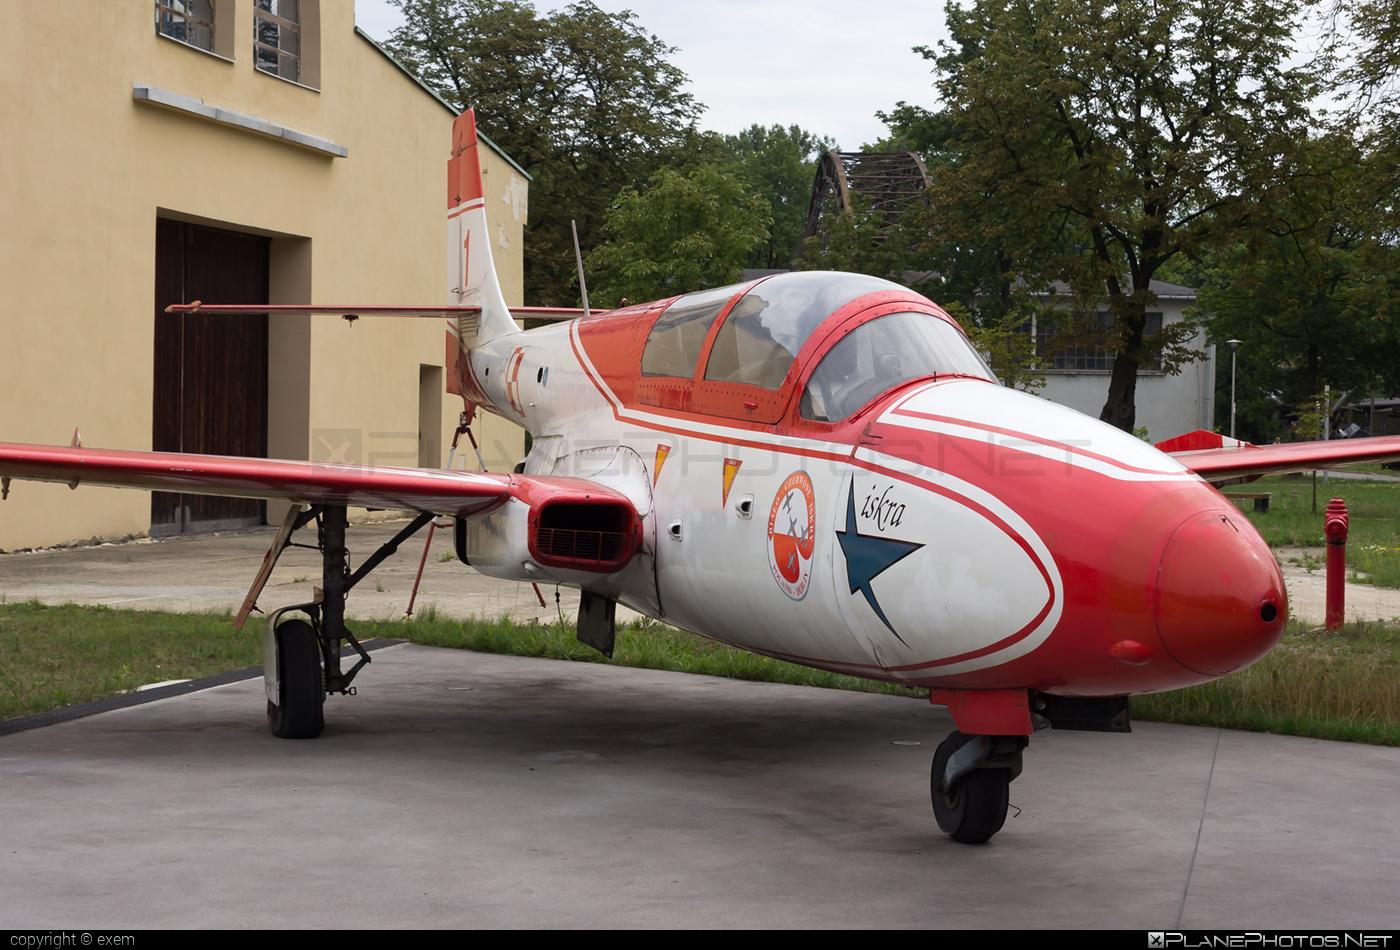 PZL-Mielec TS-11 Iskra bis B - 730 operated by Siły Powietrzne Rzeczypospolitej Polskiej (Polish Air Force) #polishairforce #pzl #pzlmielec #silypowietrzne